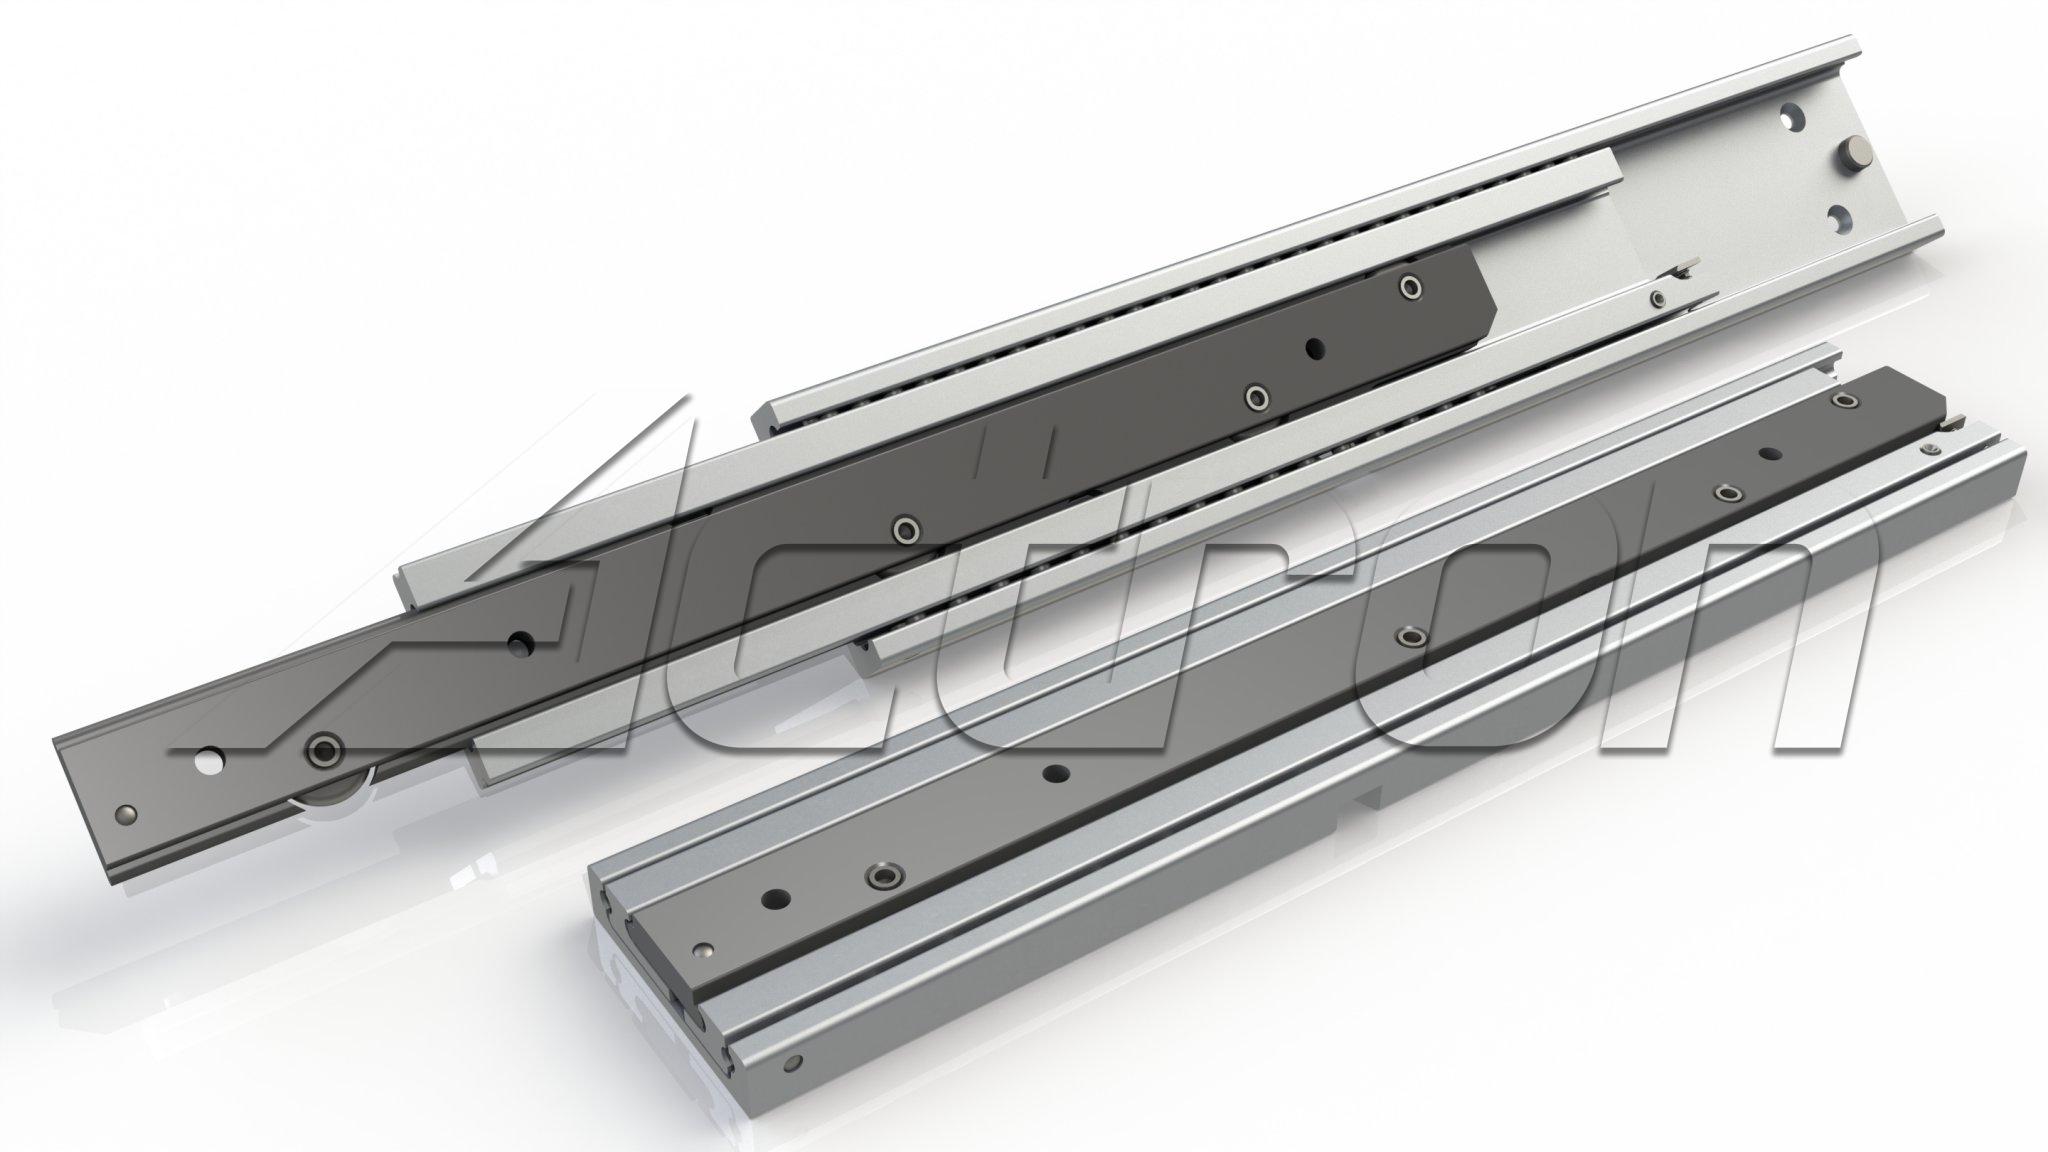 slide-assy-8211-aluminum-50-8243-x-1-98-8243-5120-a5460.jpg